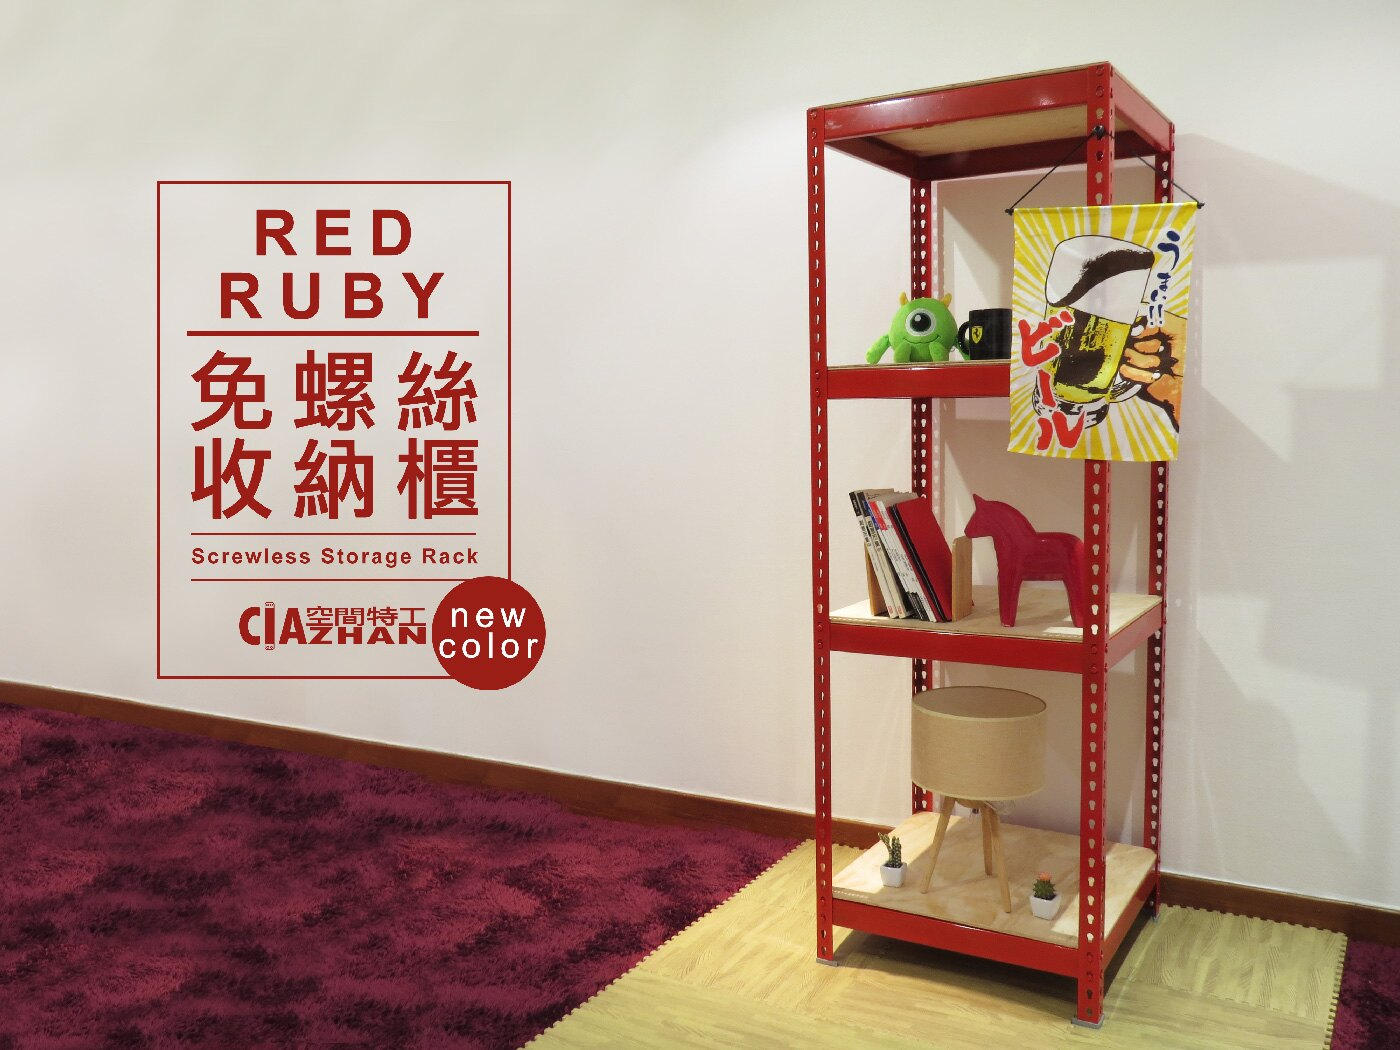 ♞空間特工♞ 置物架 書架 鞋櫃收納櫃(長1.5x深1.5尺x4層,高6尺 )紅色角鋼多功能組合架 現貨免運